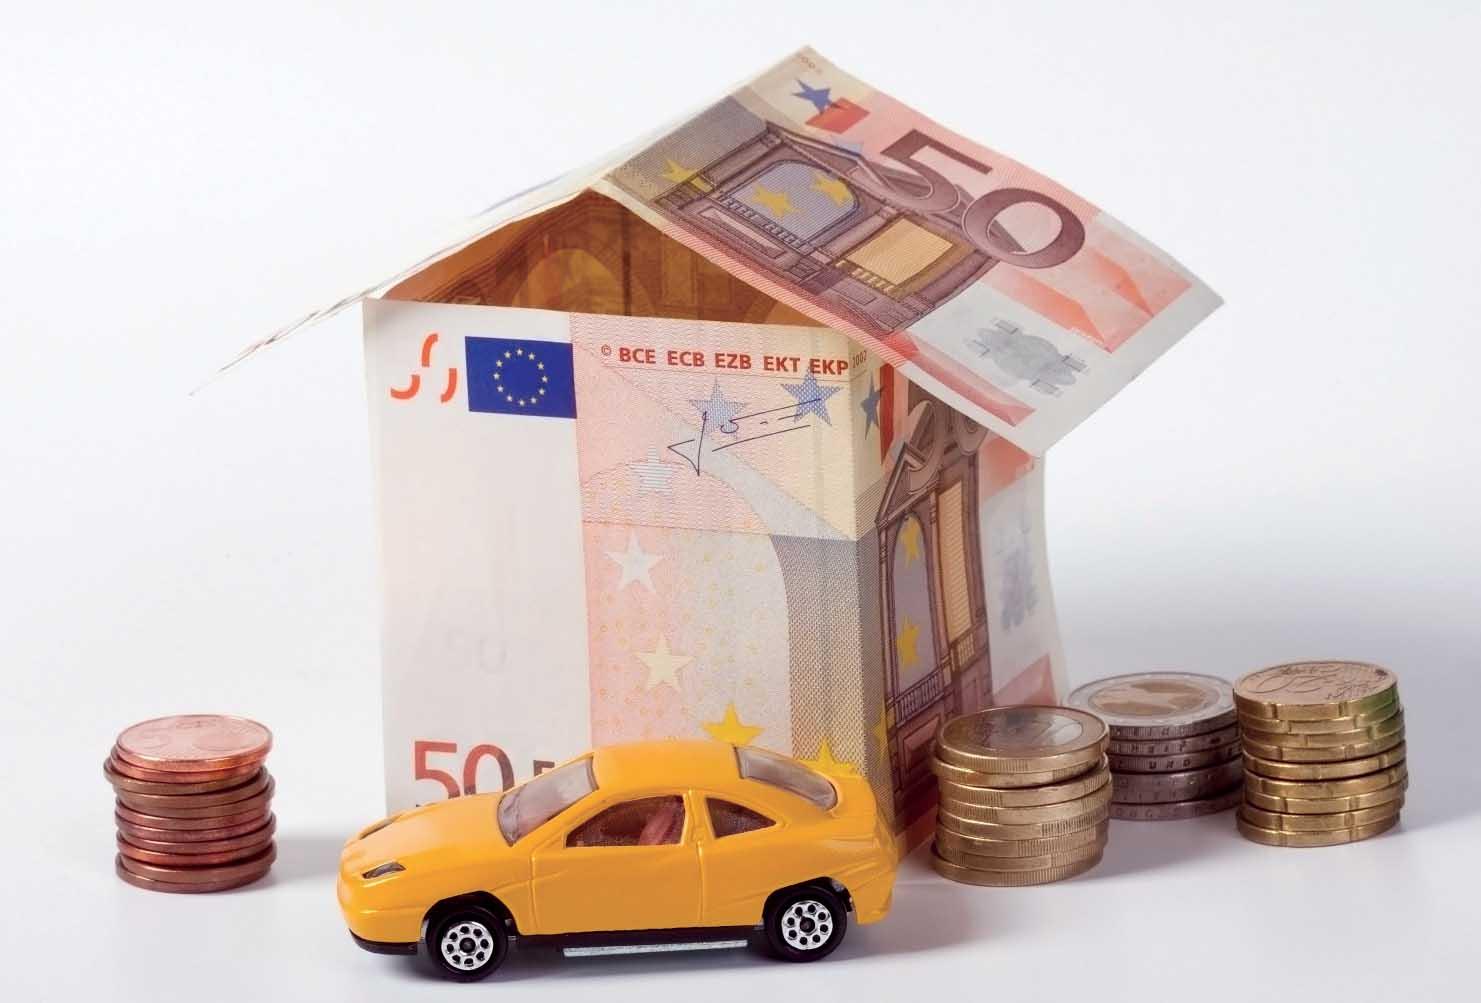 euro soldi tasse assicurazioni casa auto